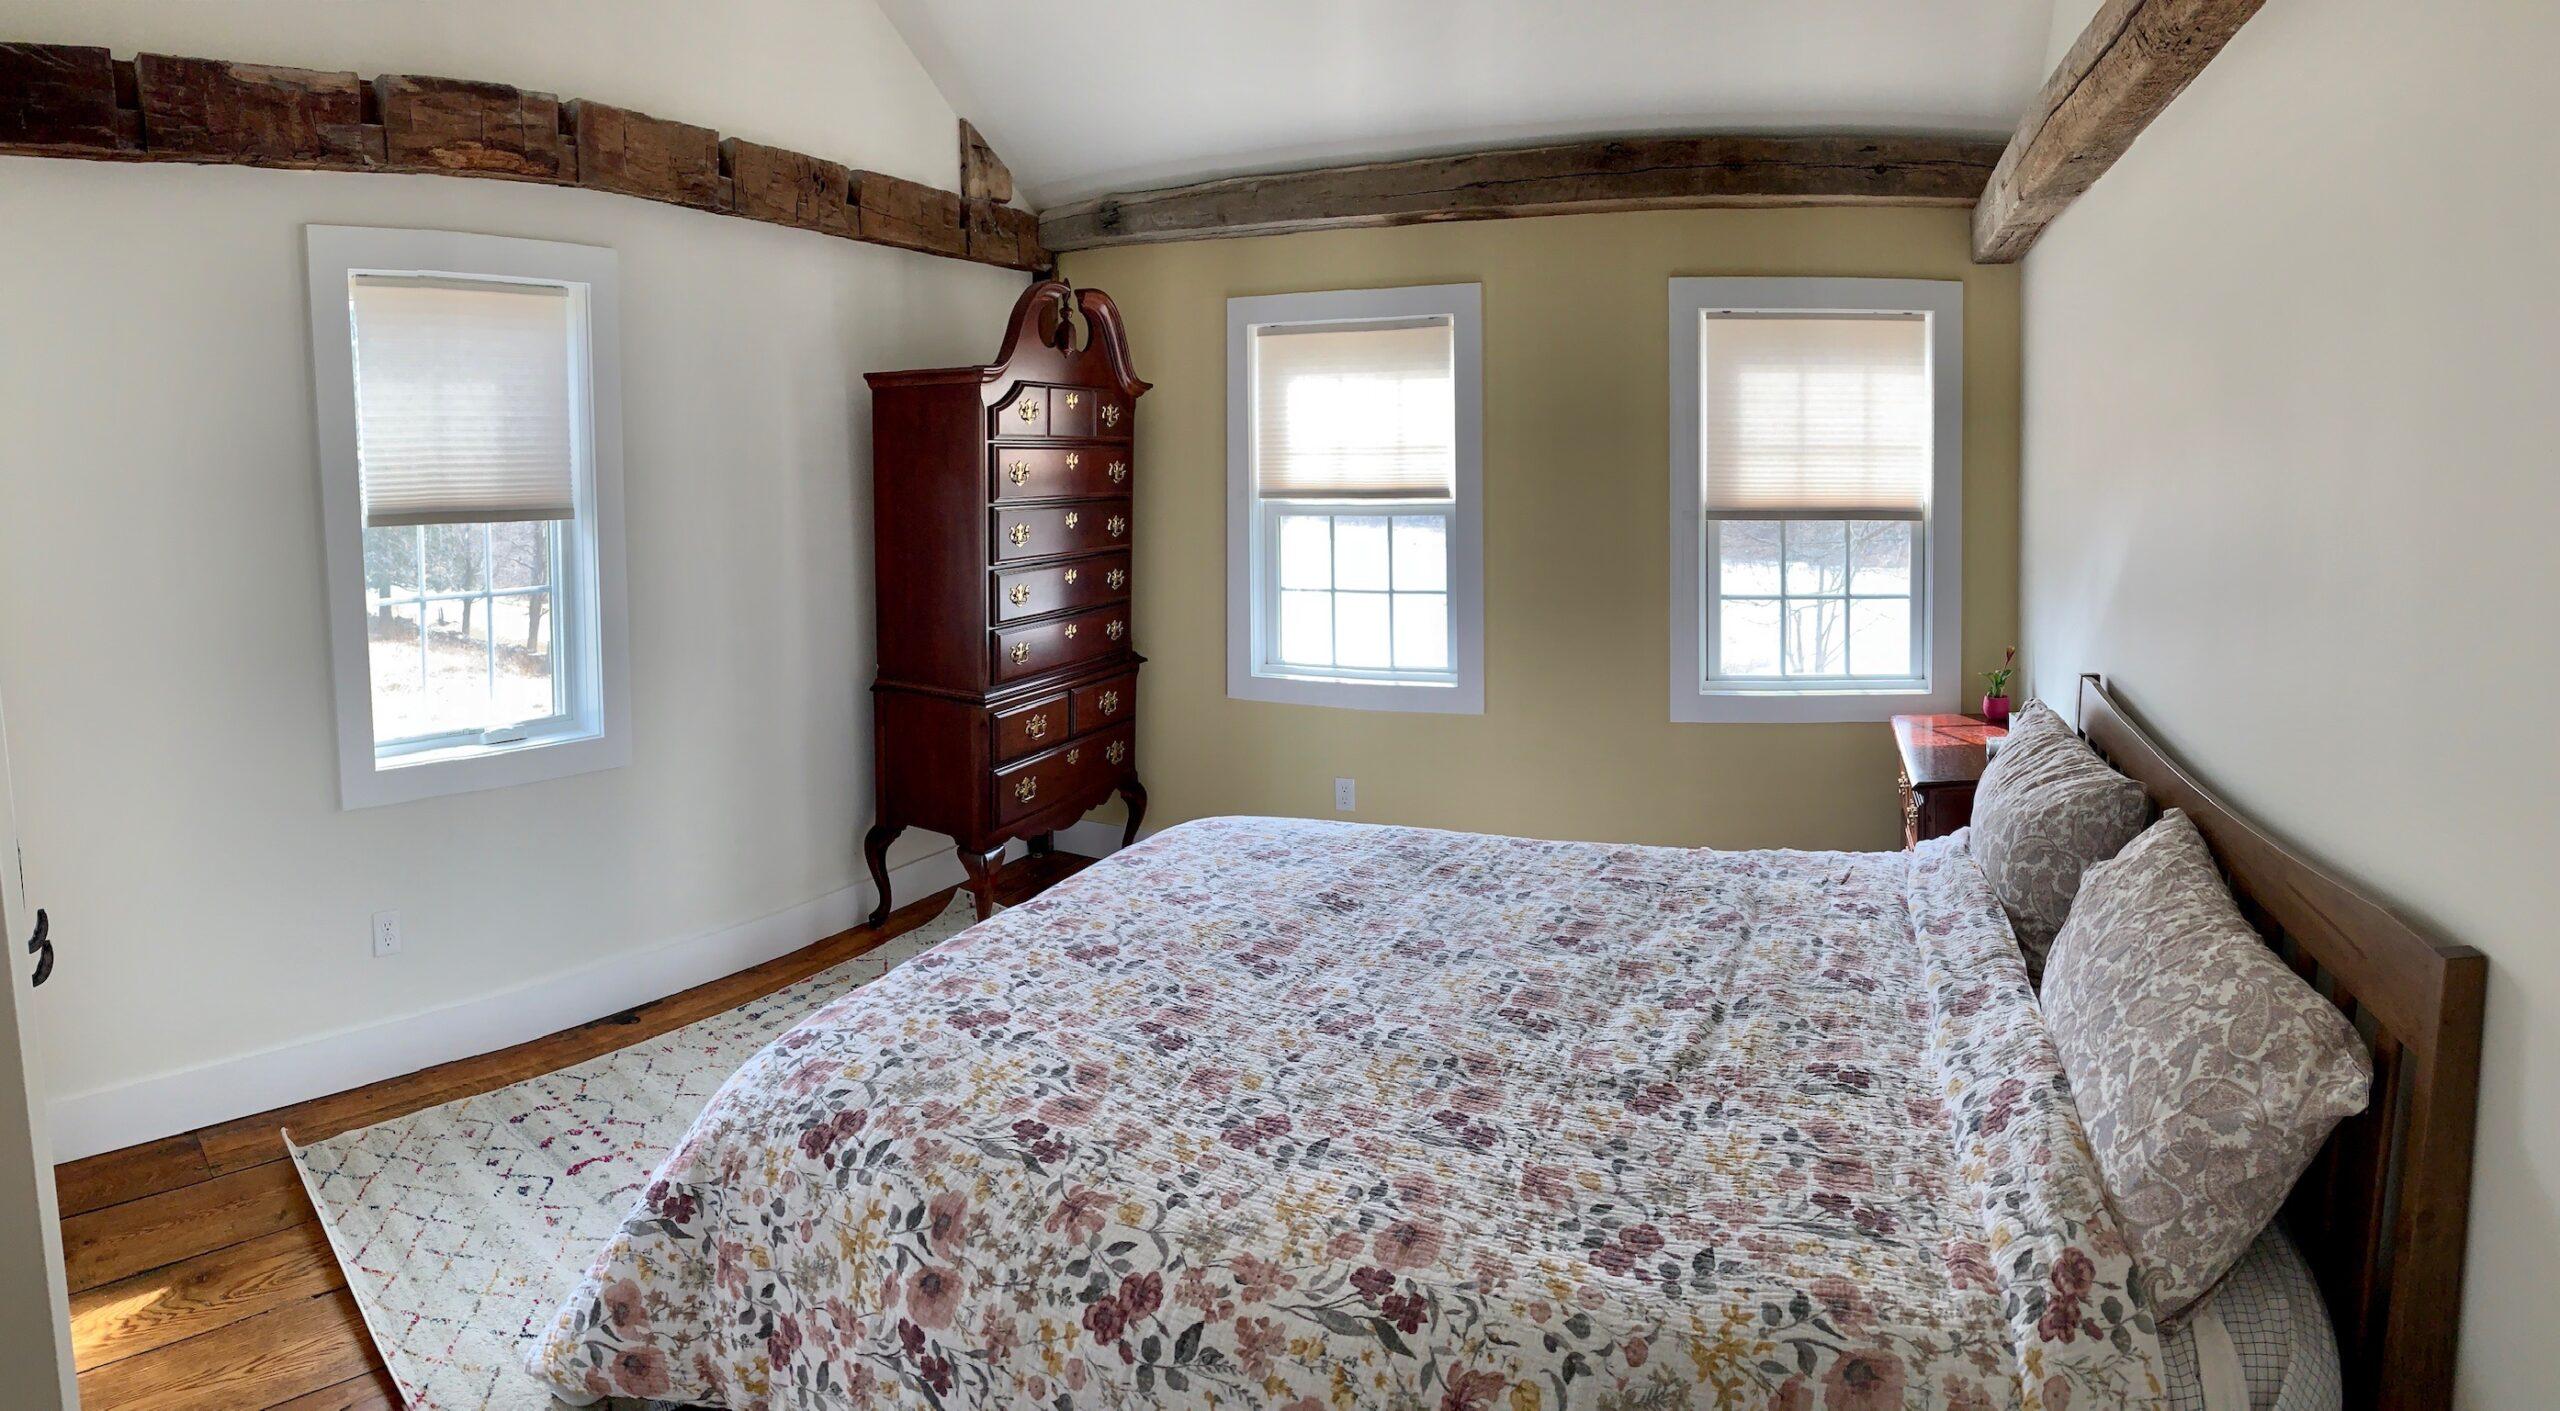 cedar bedroom view from the door